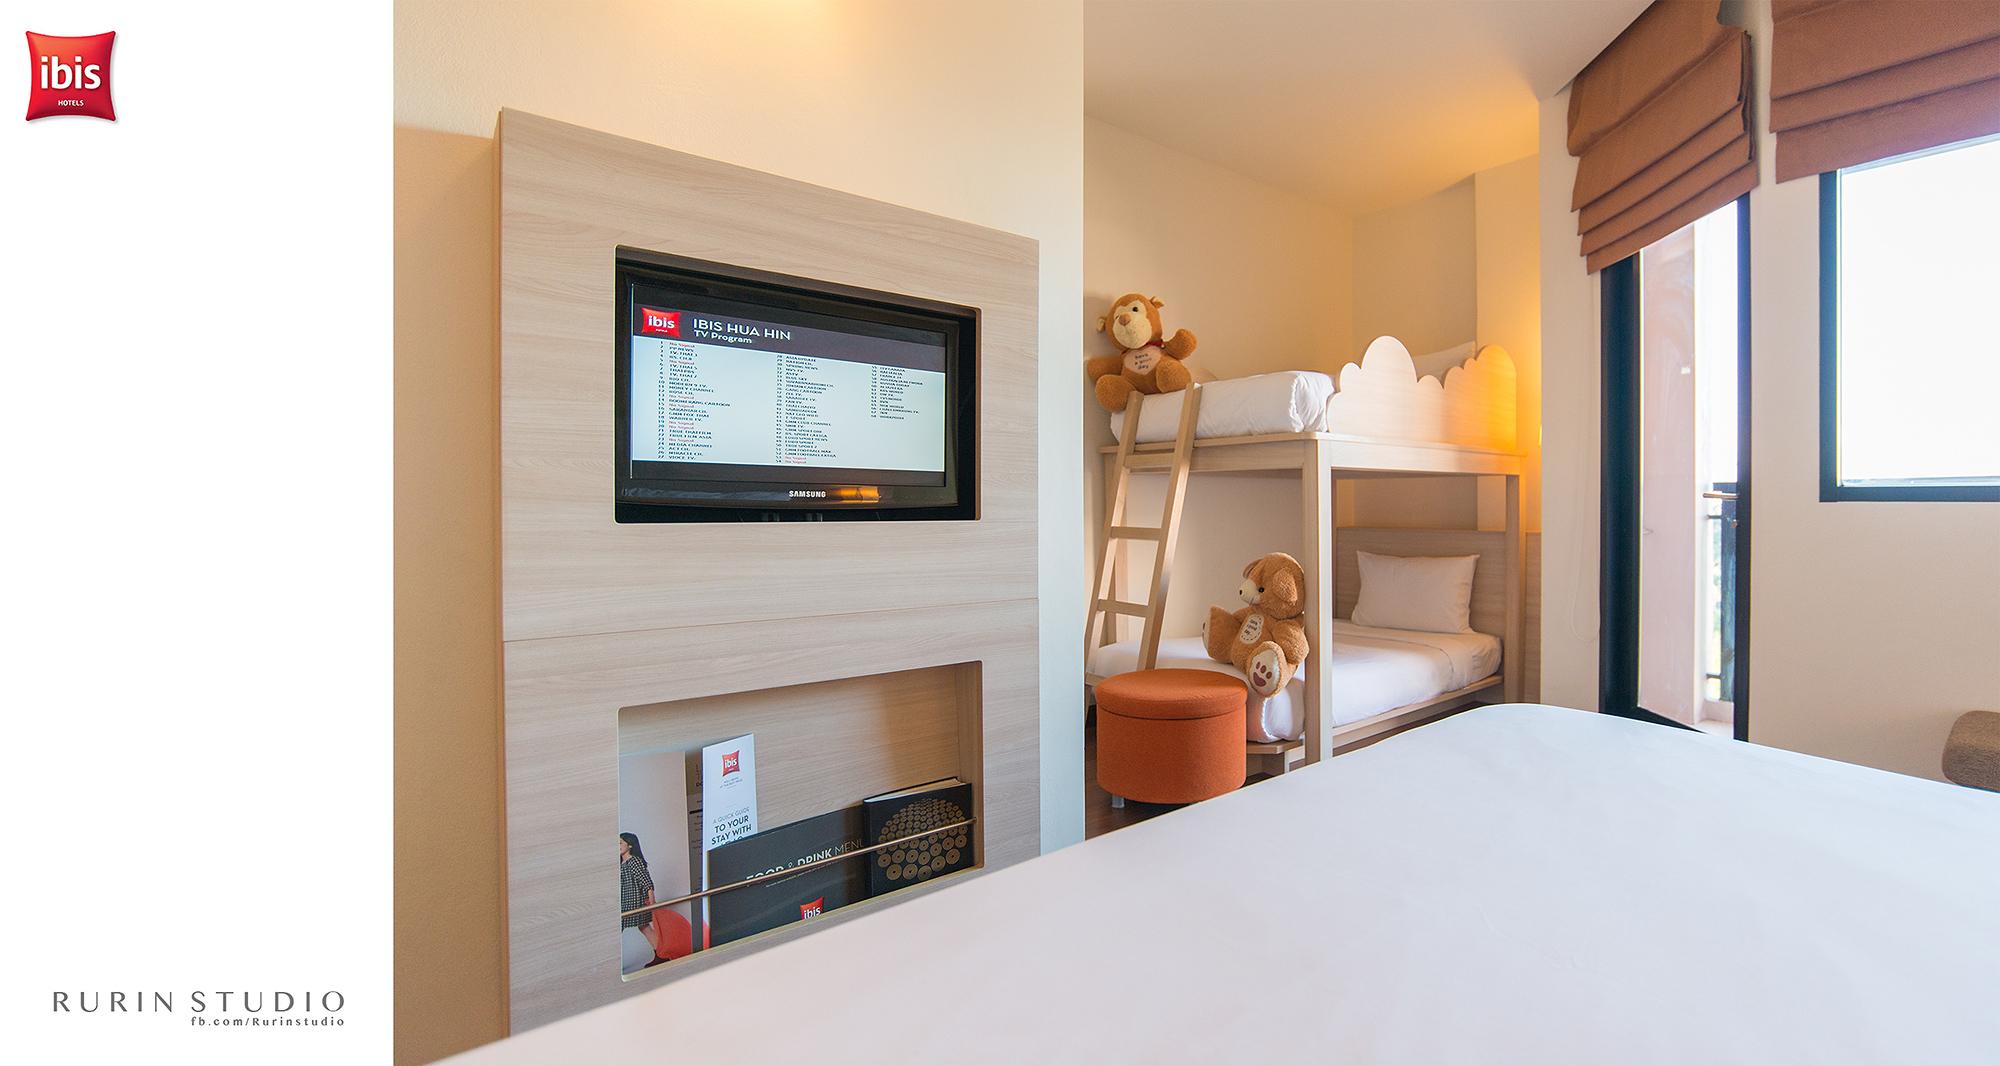 Ibis Family Room Pantip